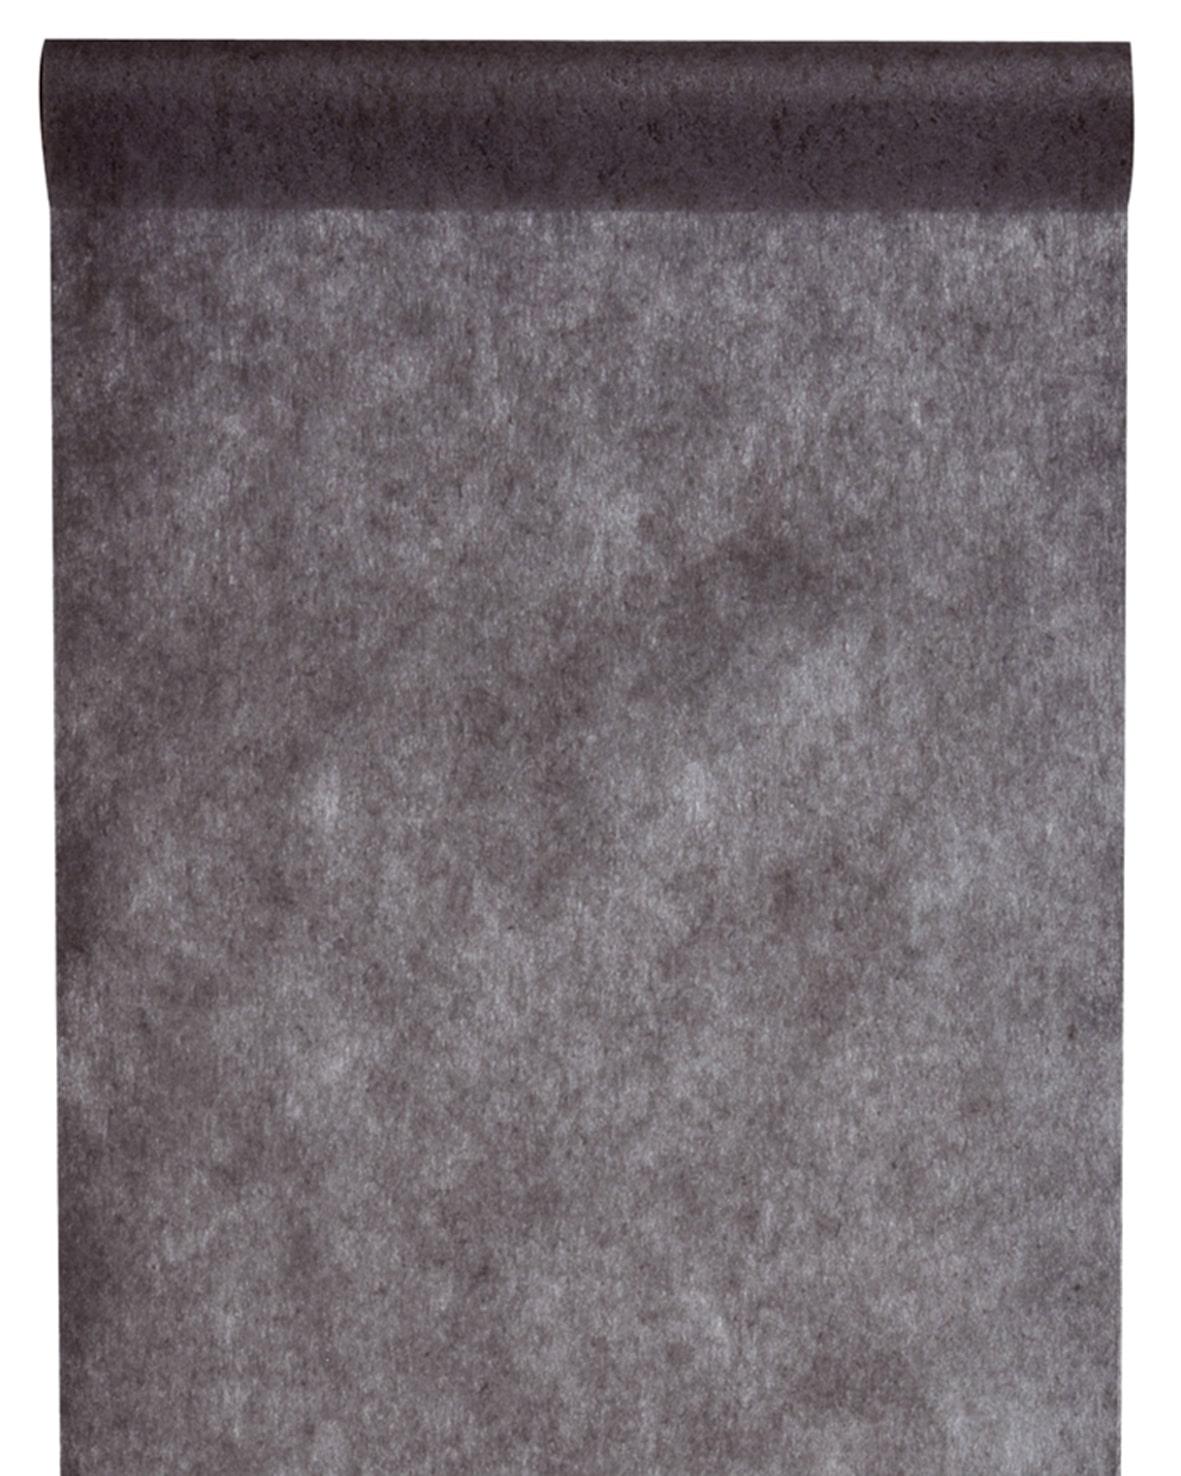 Vlies Tischlaeufer 30cm schwarz (2810_11)